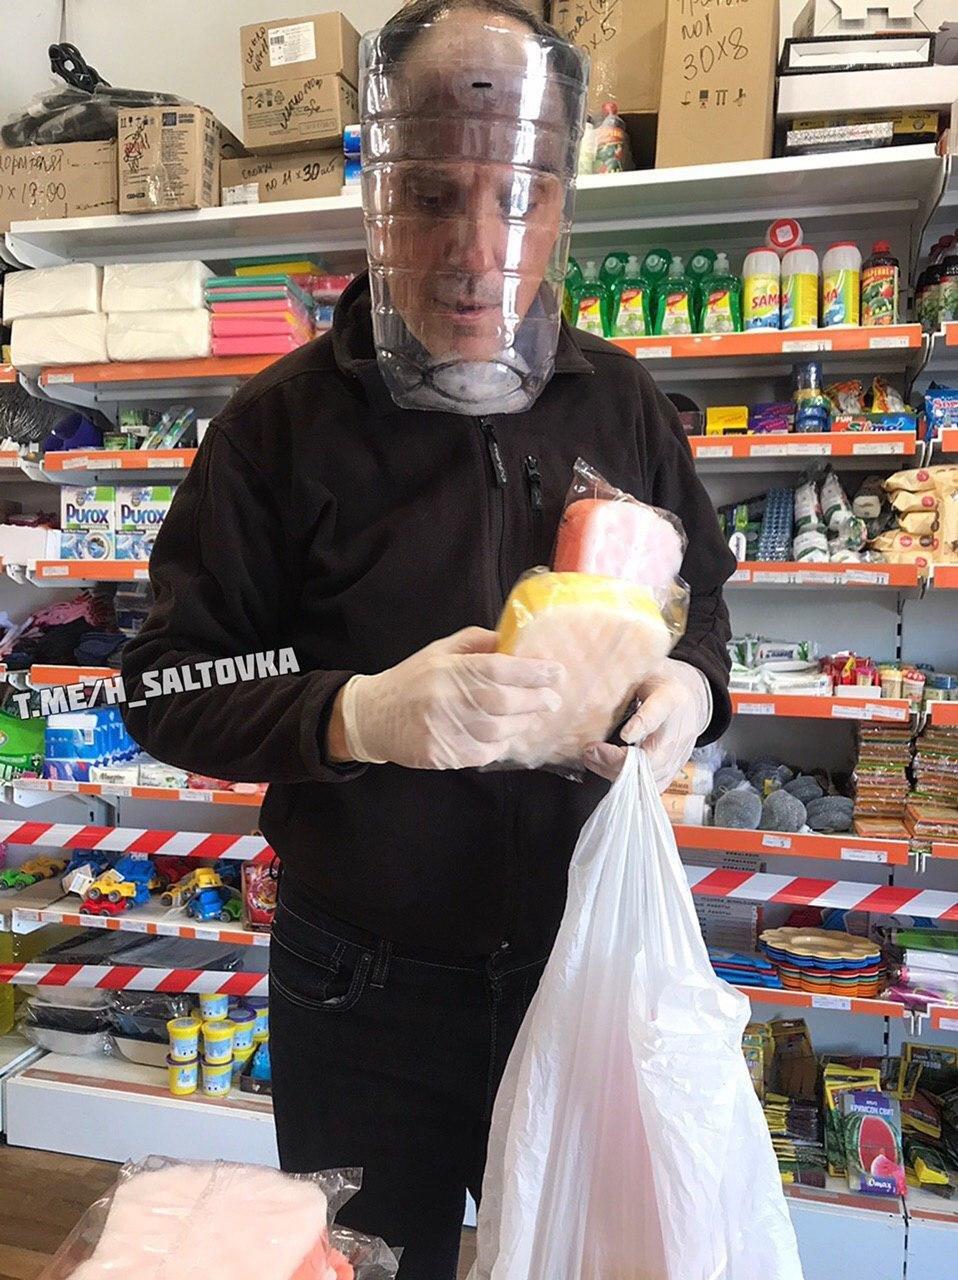 От костюмов химзащиты до целлофановых пакетов. Как харьковчане «защищаются» от коронавируса, - ФОТО, фото-14